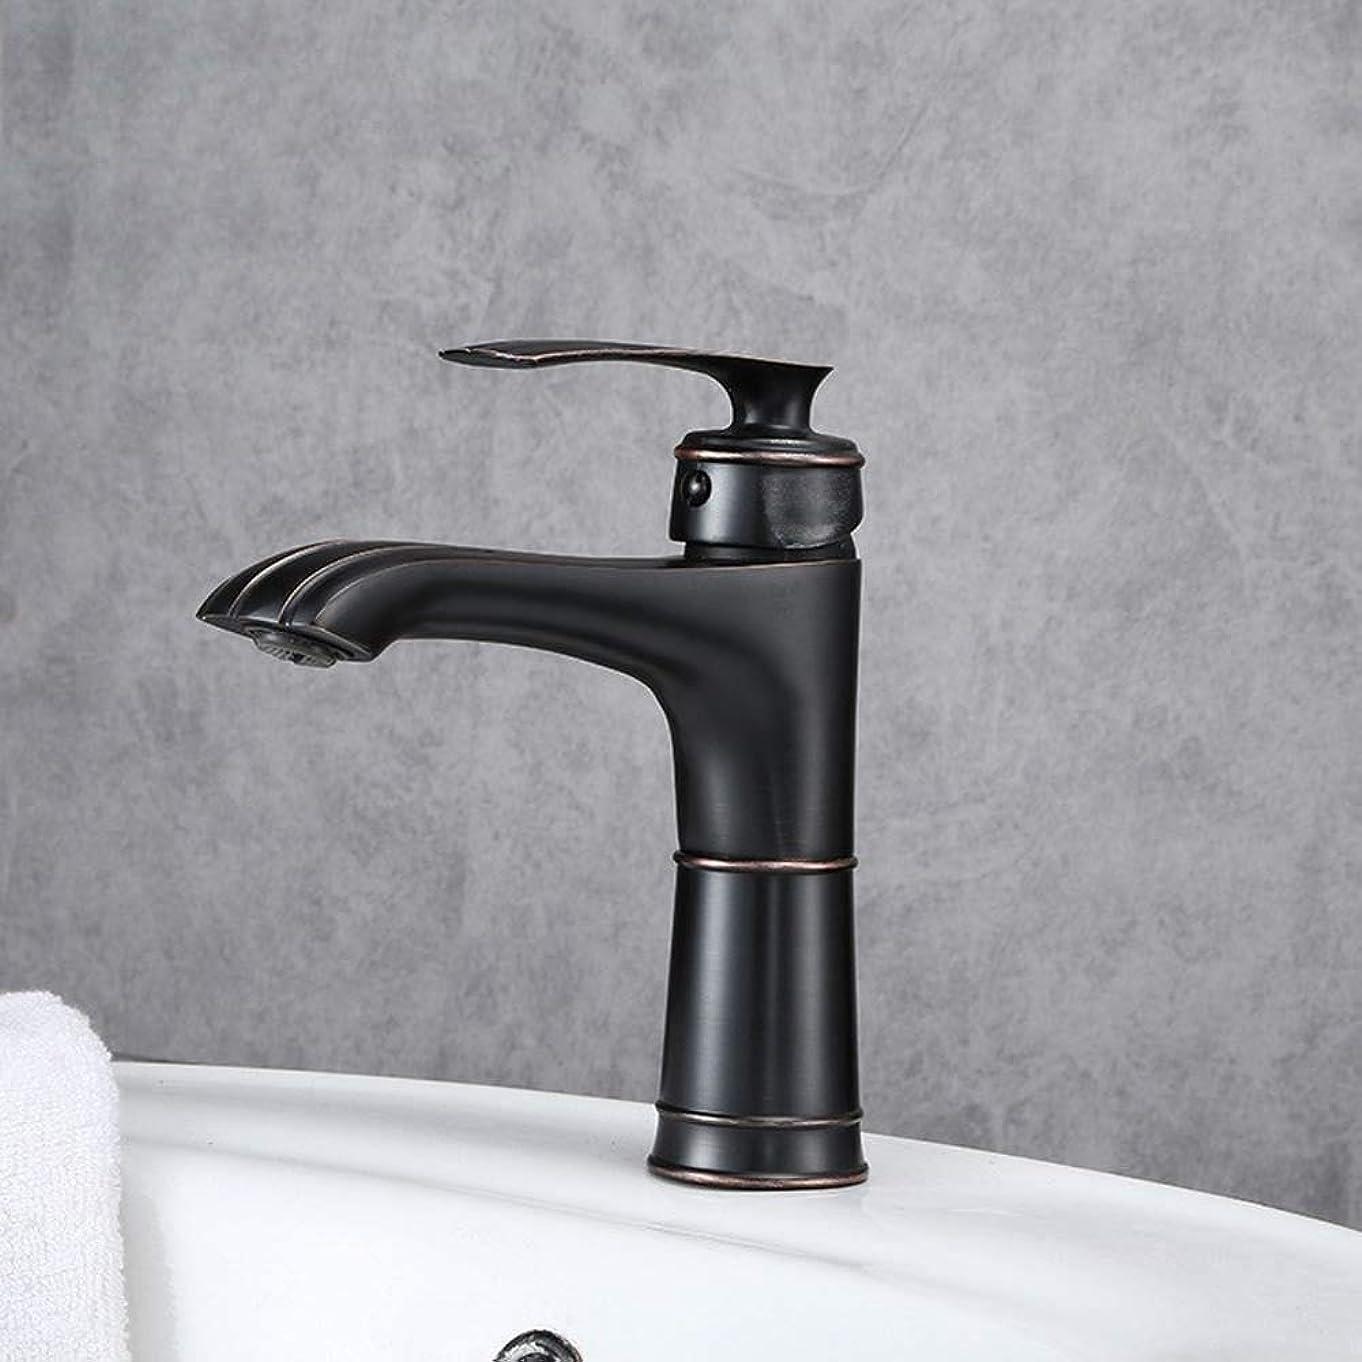 忌まわしいより平らな美徳HYH キッチン黒塗装洗面台蛇口洗面台洗面台蛇口浴室銅ボディホットとコールド蛇口 美しい人生